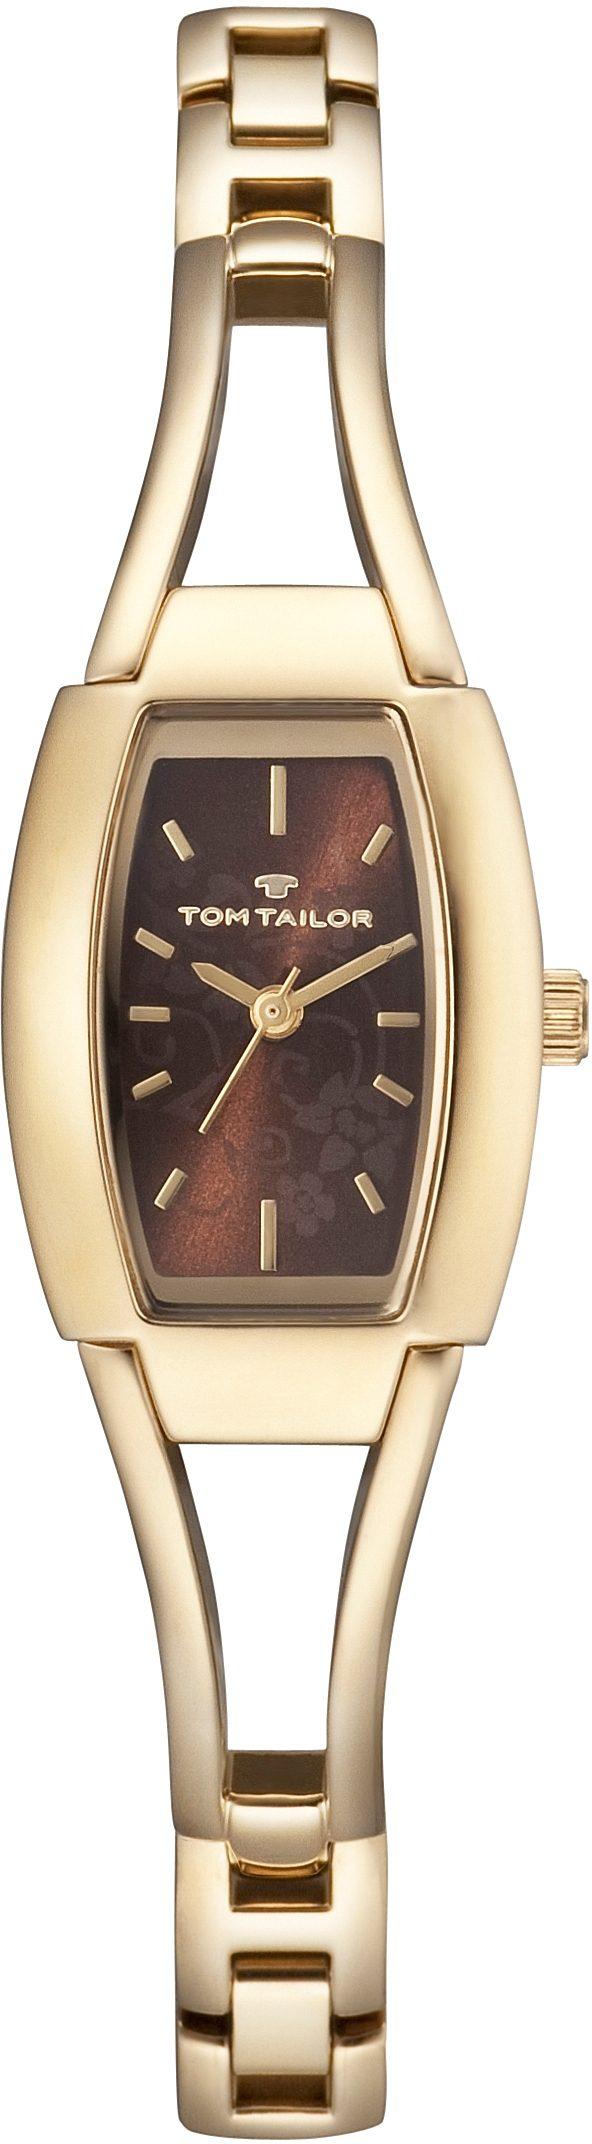 Tom Tailor Quarzuhr »5412805«